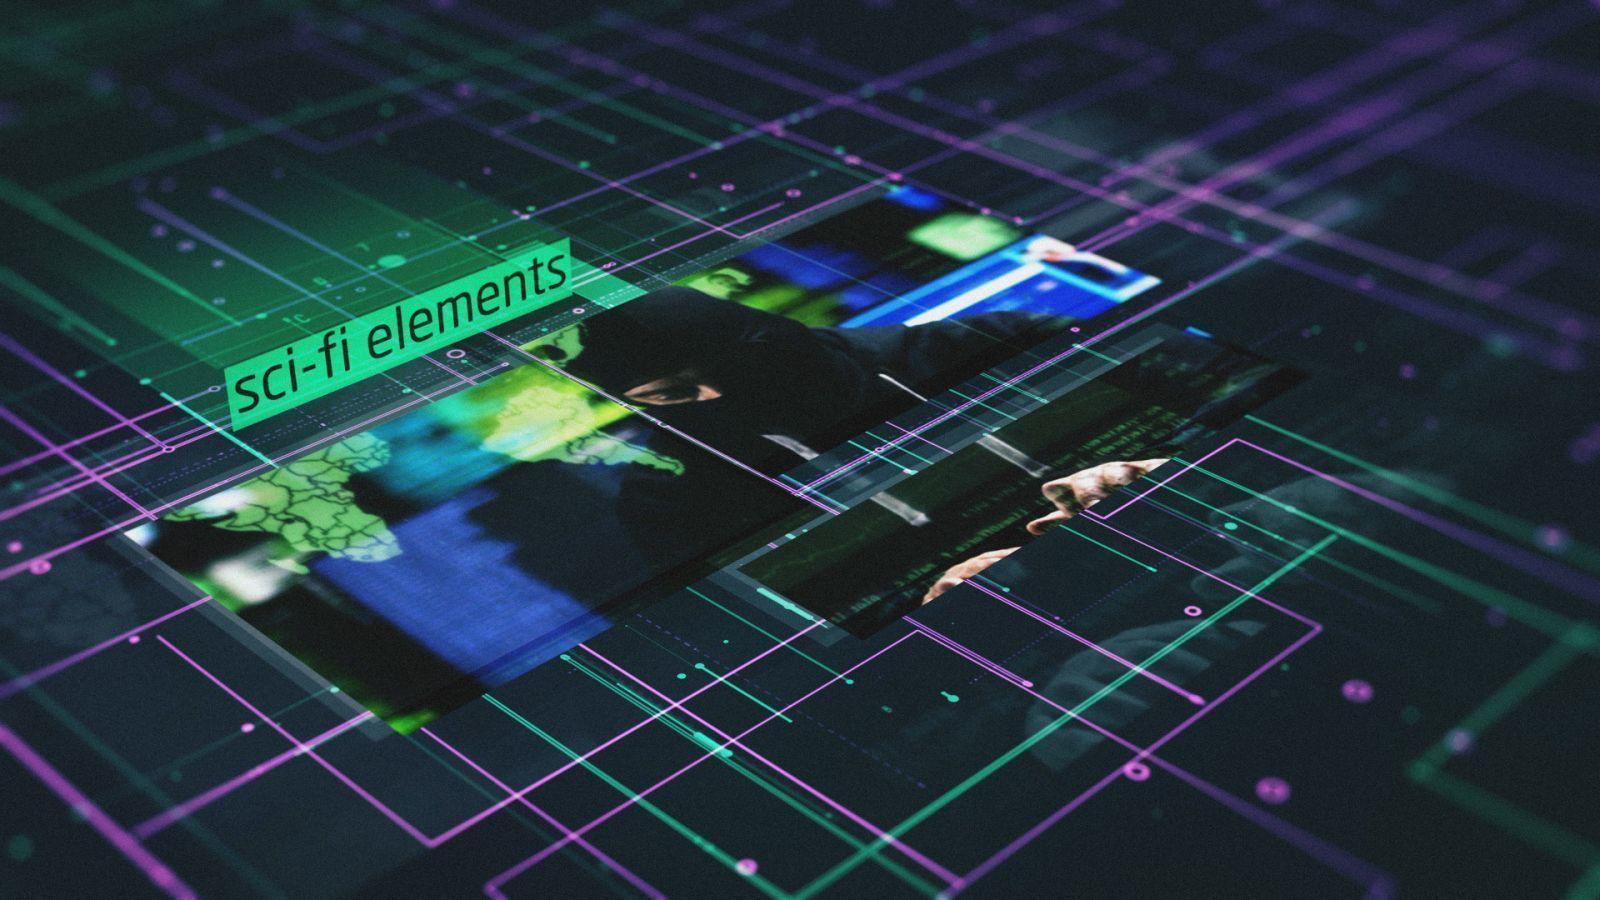 Sci-Fi Elements Slideshow